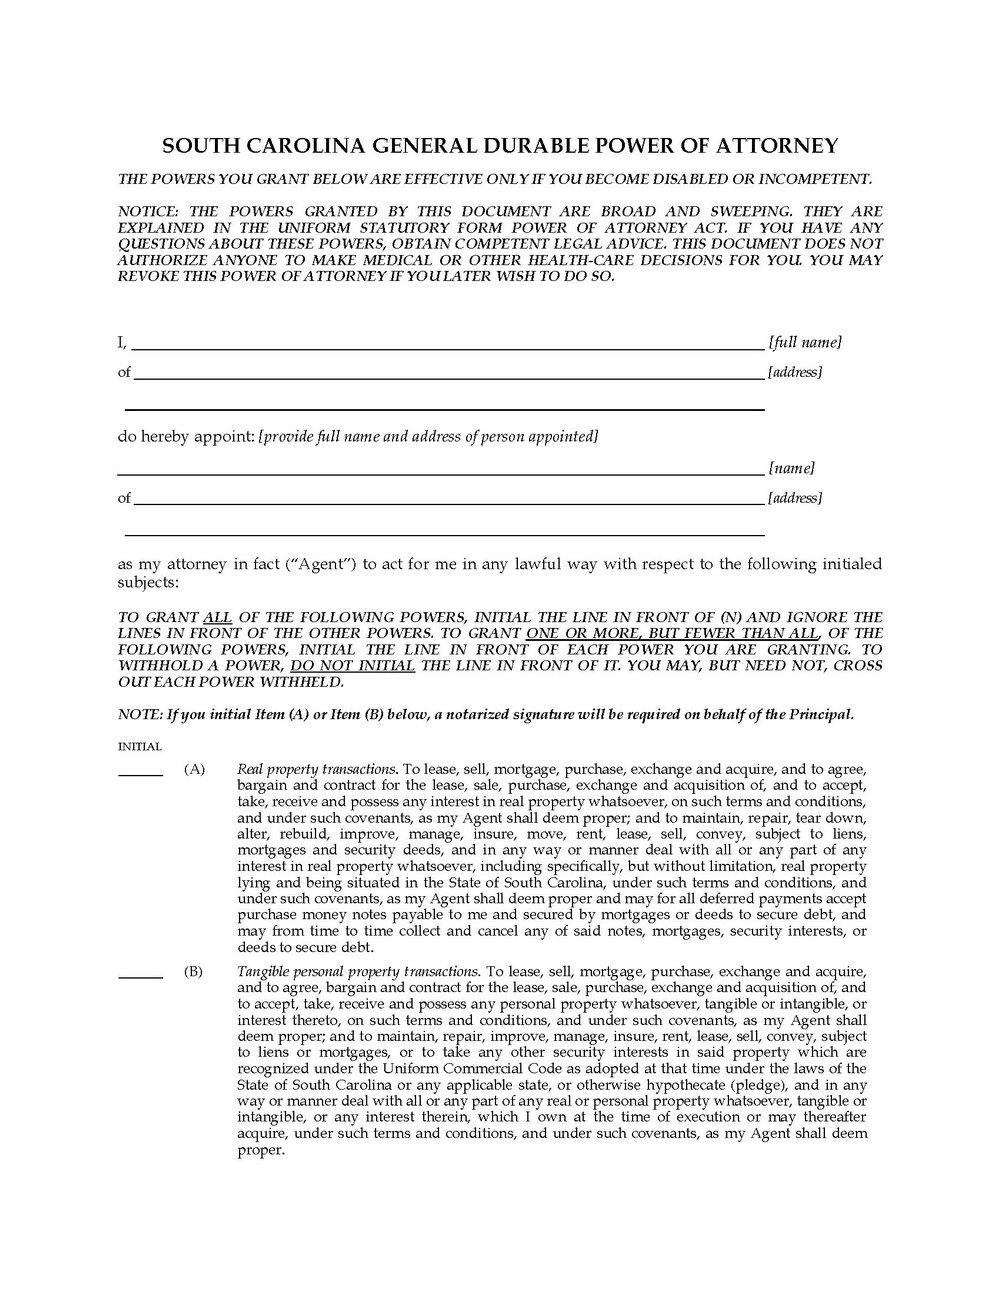 South Carolina Power Of Attorney Form